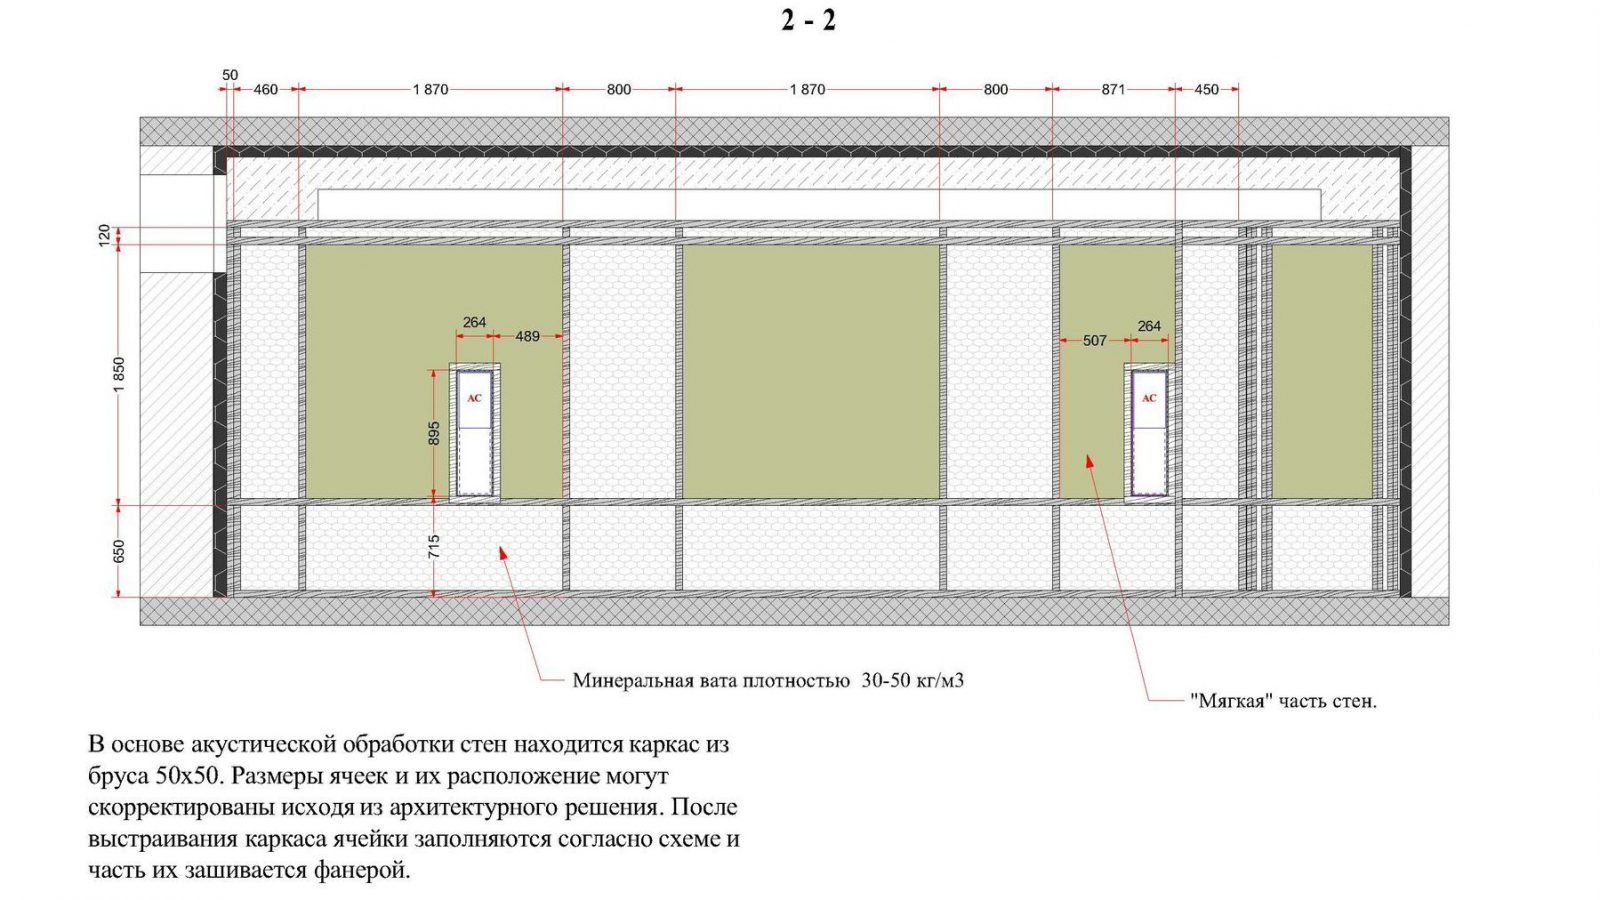 proekt_beresta_itogovyy_stranica_20